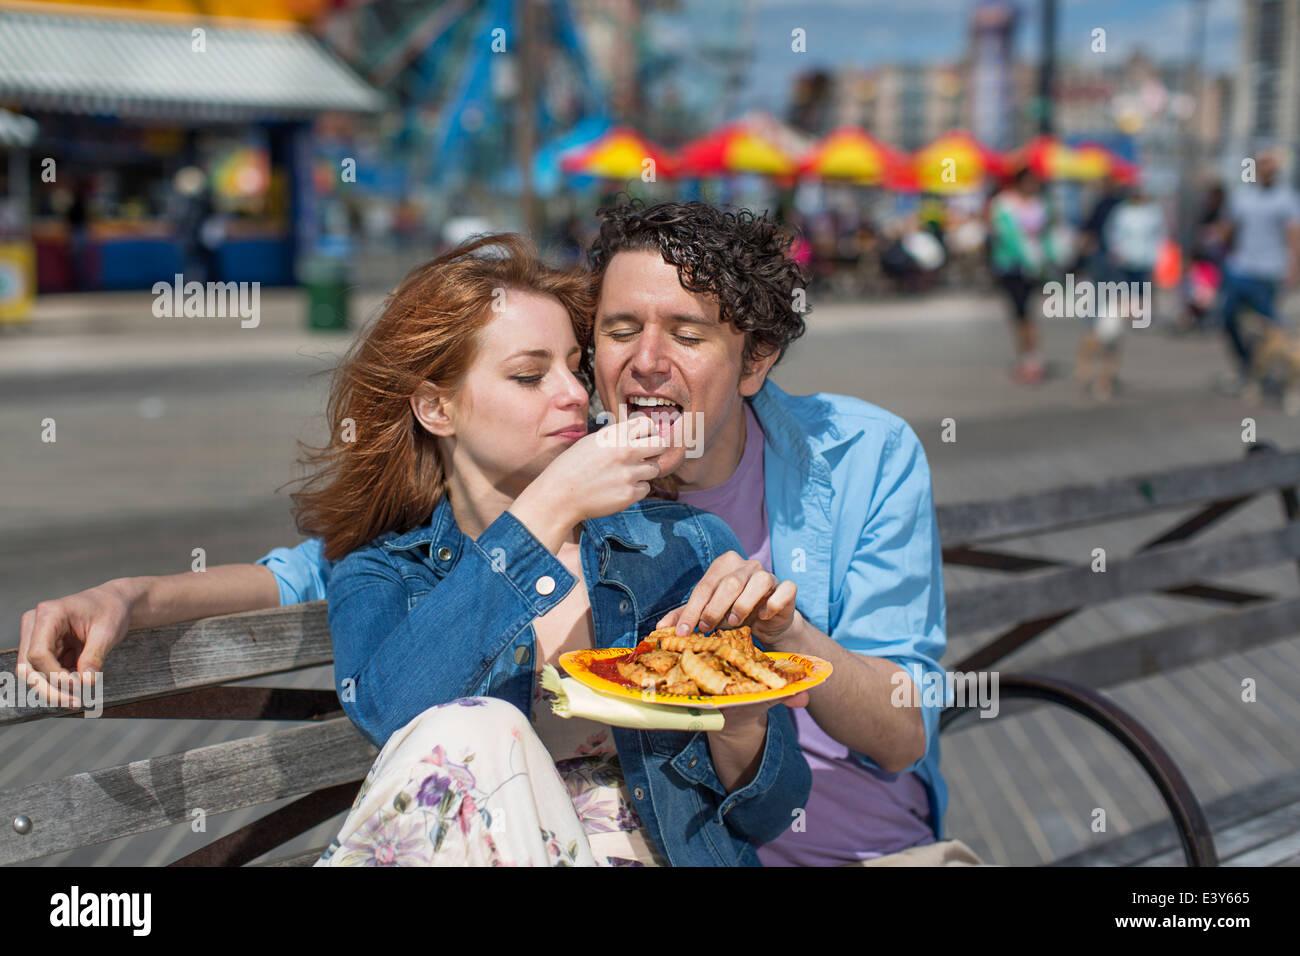 Romantisch zu zweit essen Chips im Freizeitpark Stockbild